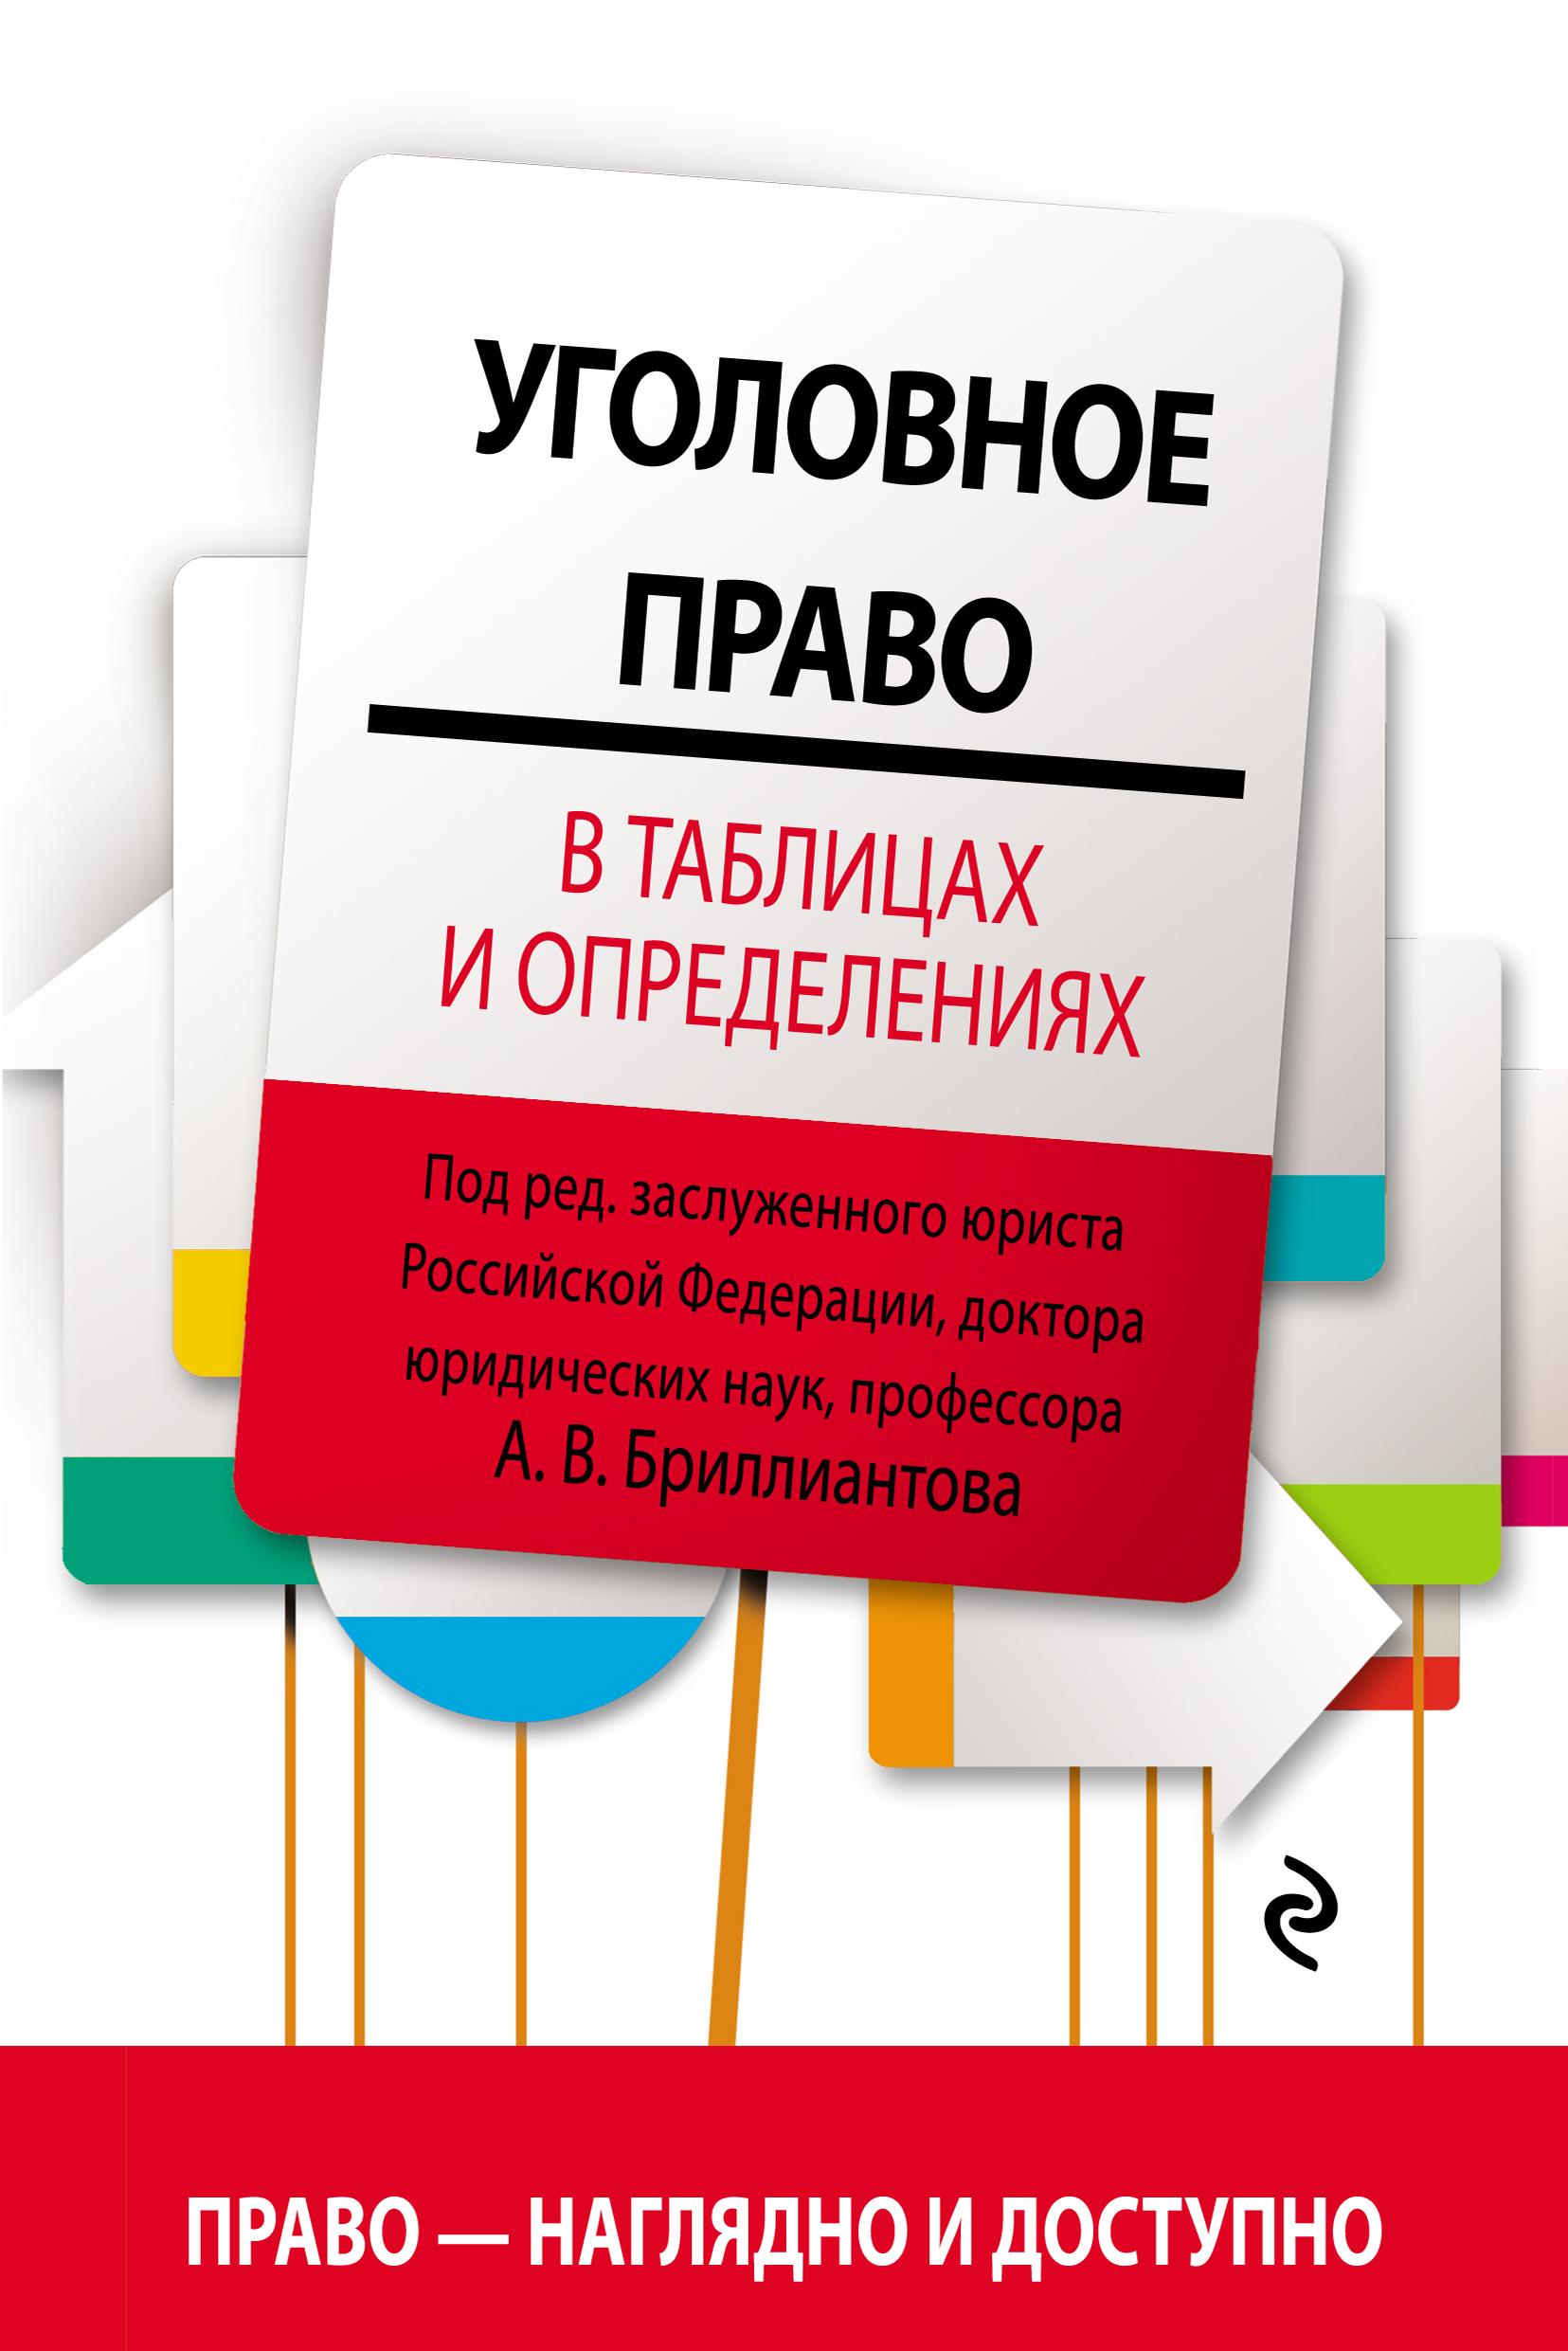 Уголовное право россии в схемах бриллиантов фото 735